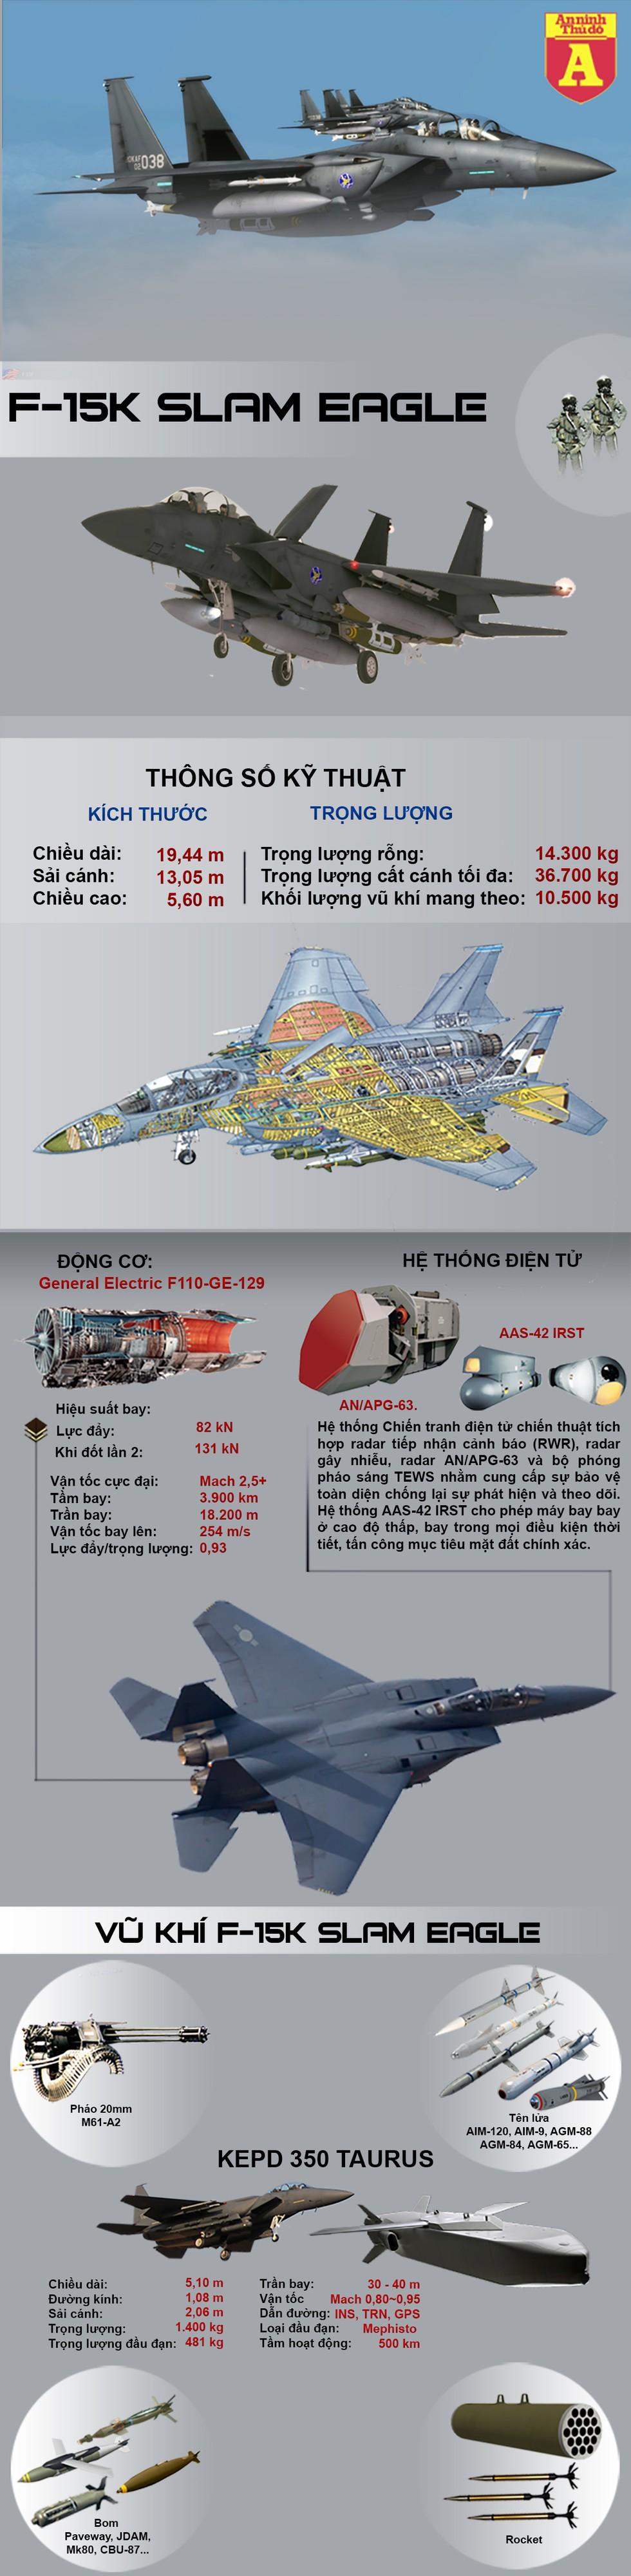 [Infographics] Cặp bài trùng đáng sợ hơn cả F-35A của Hàn Quốc - Ảnh 1